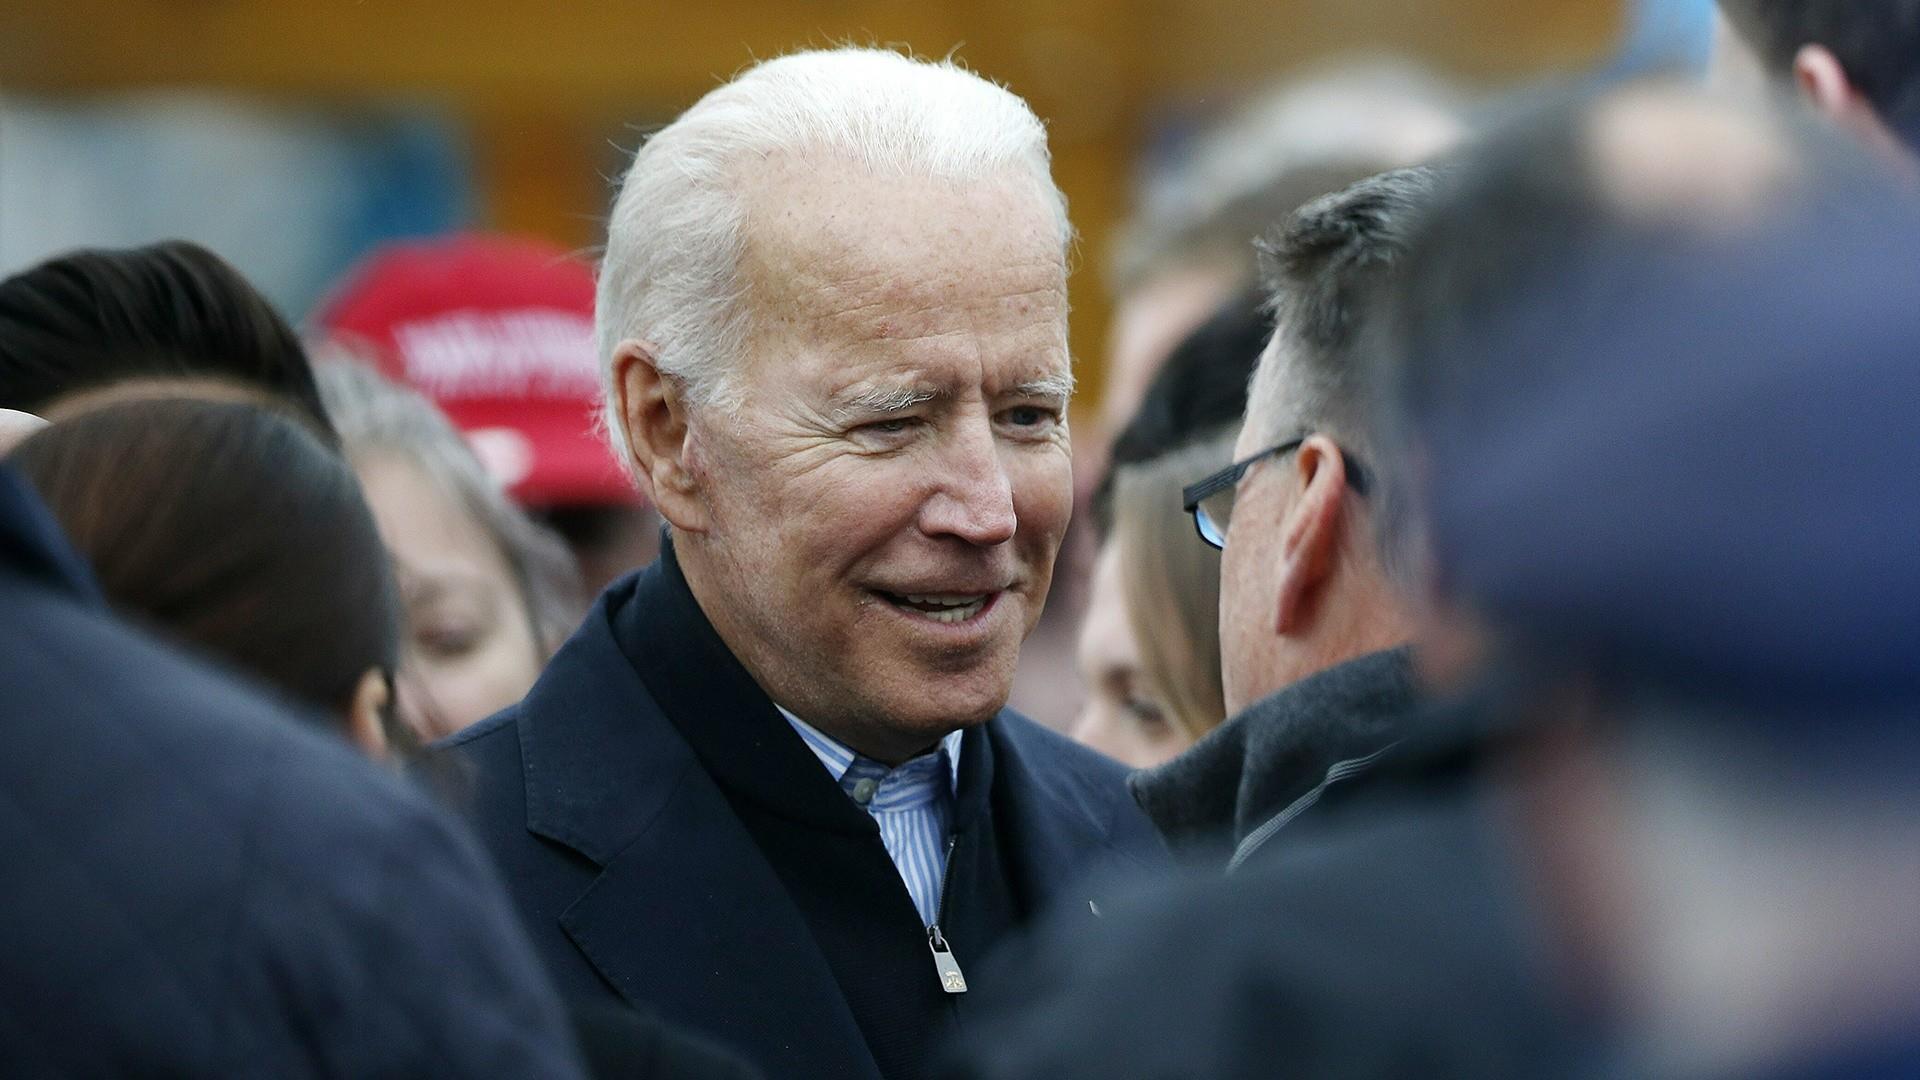 Trump mocks Joe Biden as former VP enters 2020 race